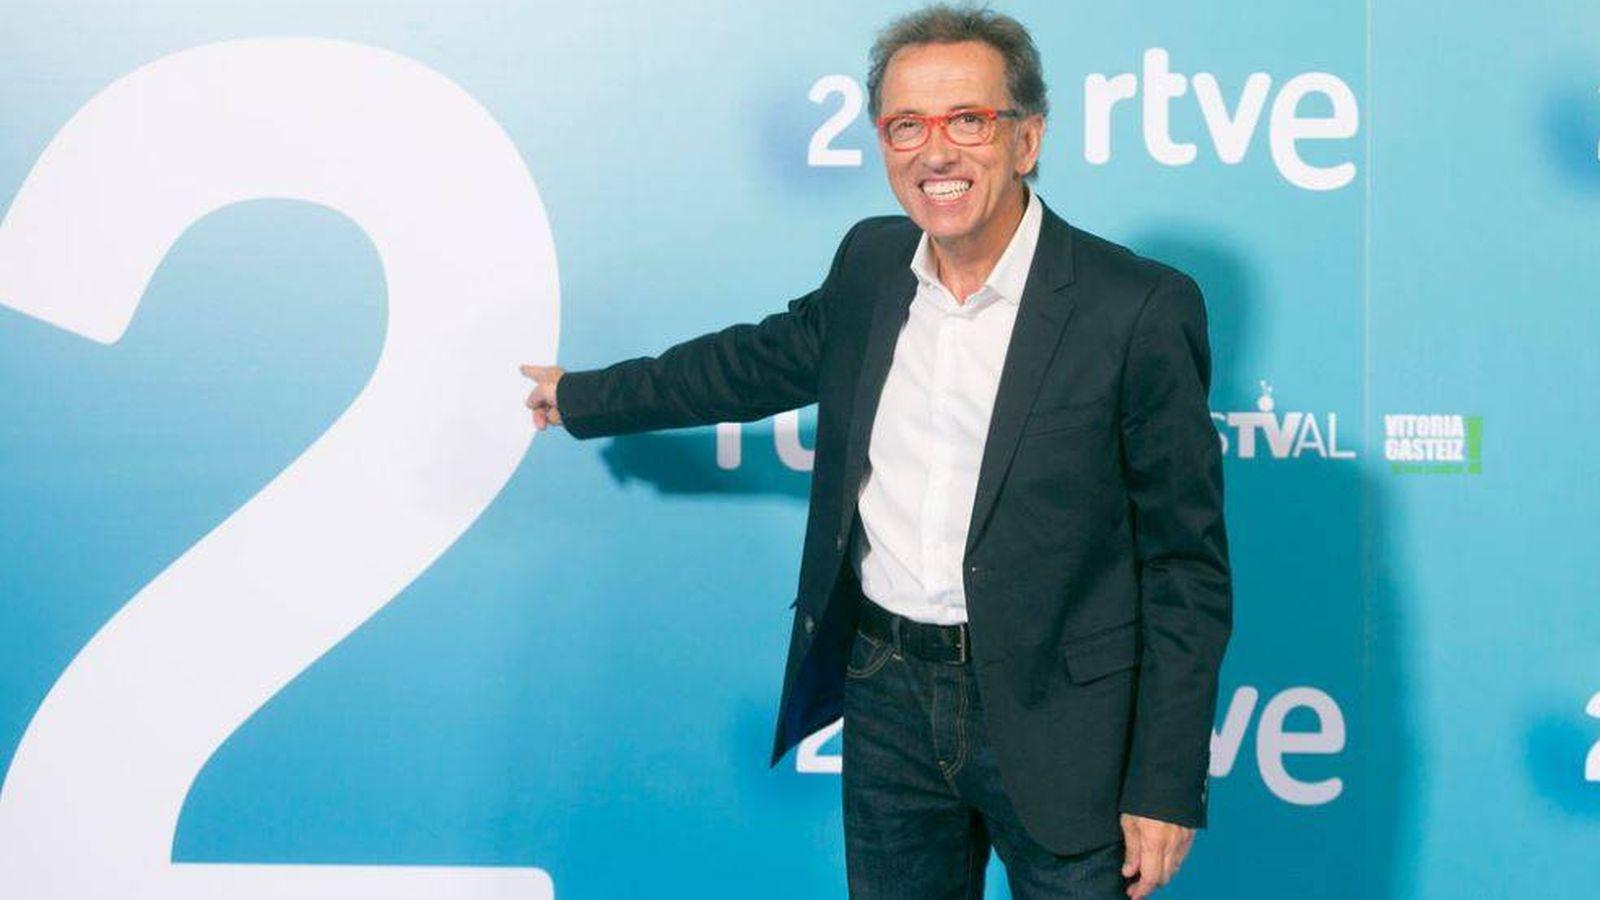 Foto: Jordi Hurtado en el FesTVal en el arranque de temporada.